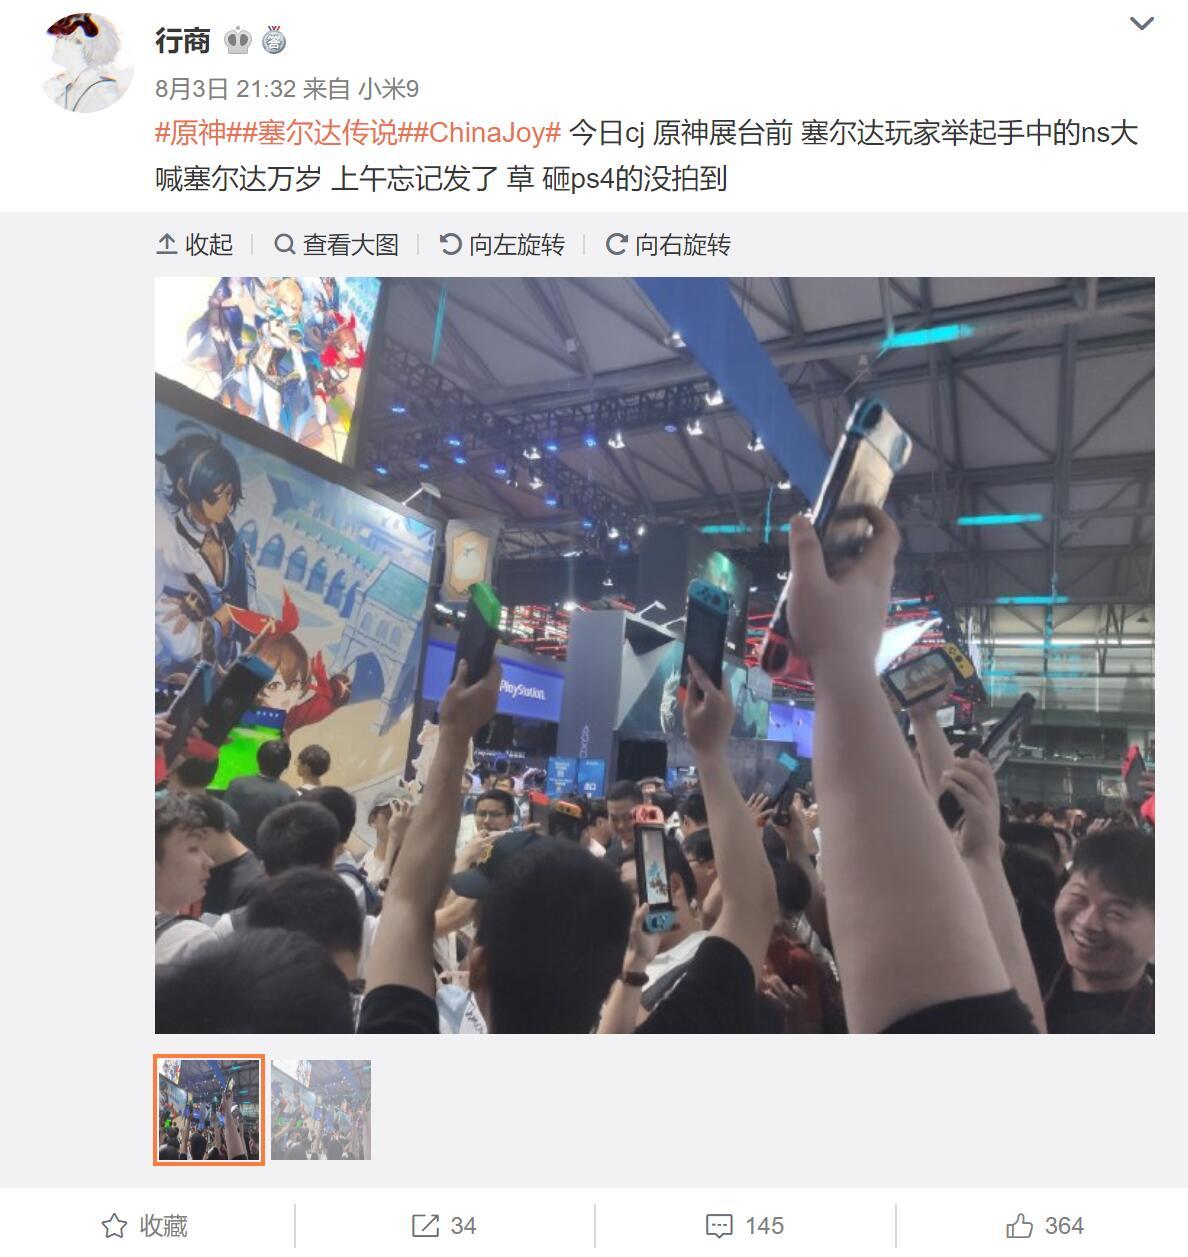 《原神》争议不断 玩家在CJ展现场怒砸PS4抗议